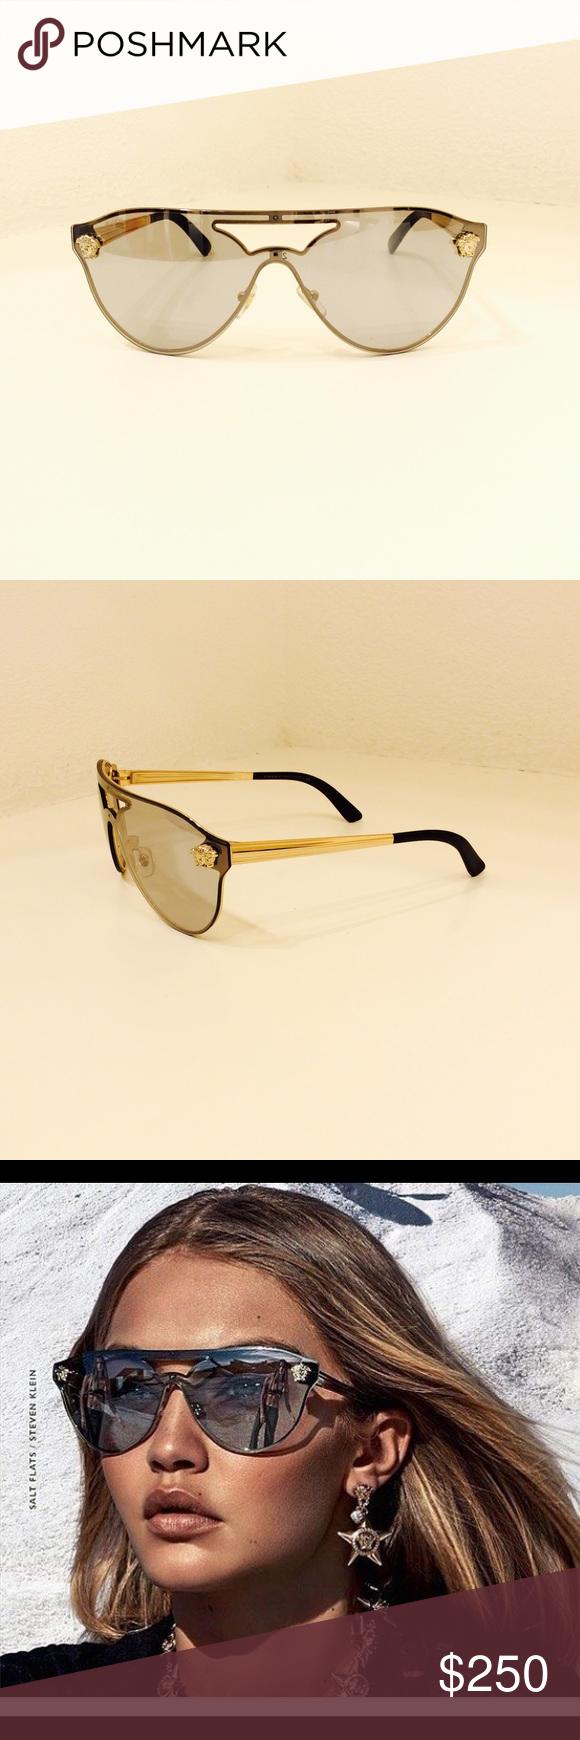 Gigi Hadid Sunglasses Versace GlassesAccessories Gigi Sunglasses Hadid Versace kZTwOPuXi